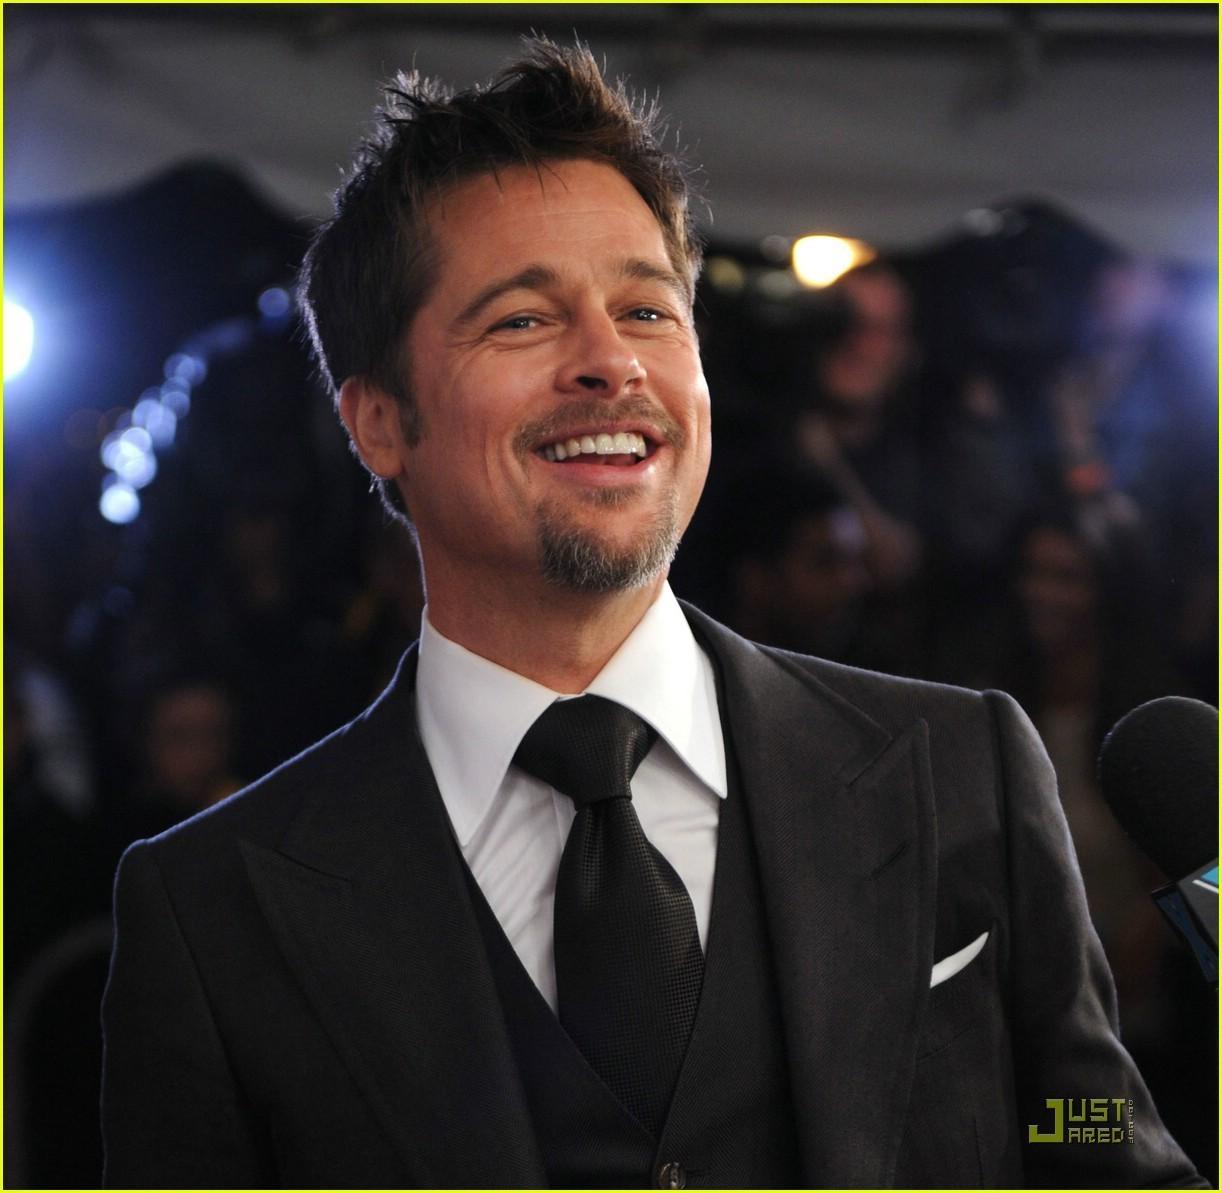 Brad Pitt - Wallpaper